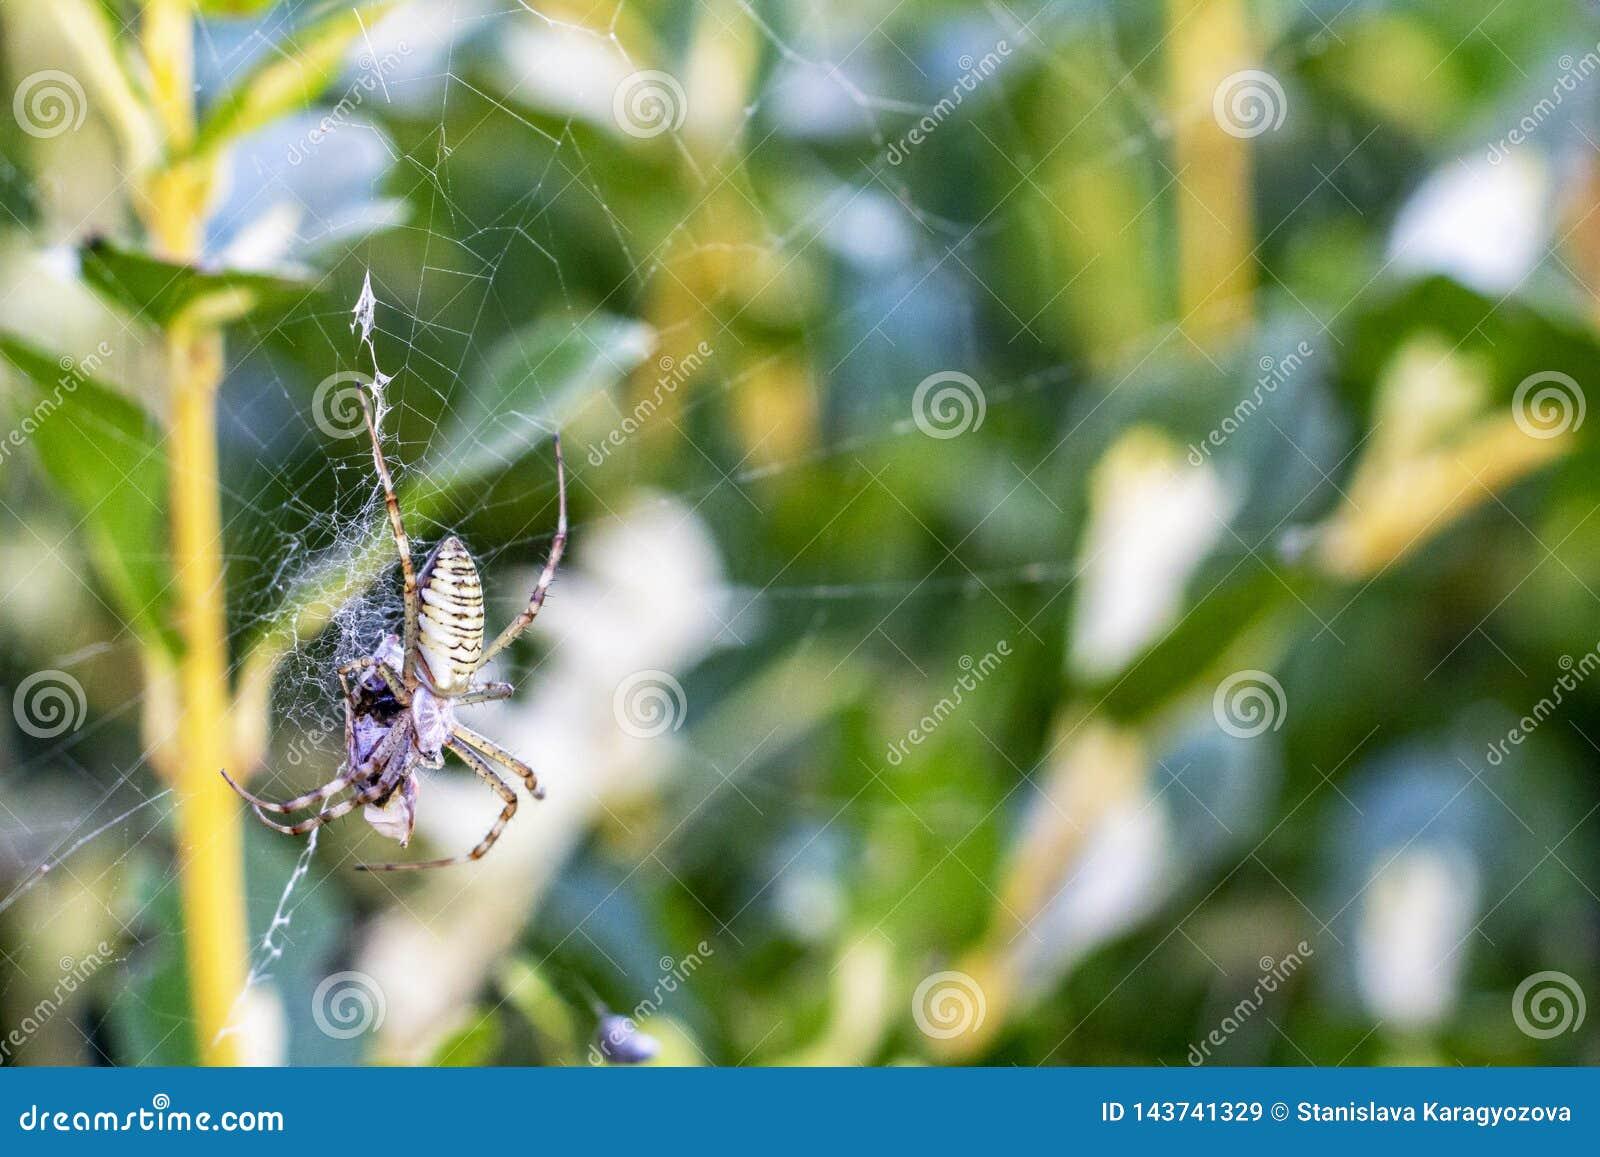 Argiopespindel med ett rov